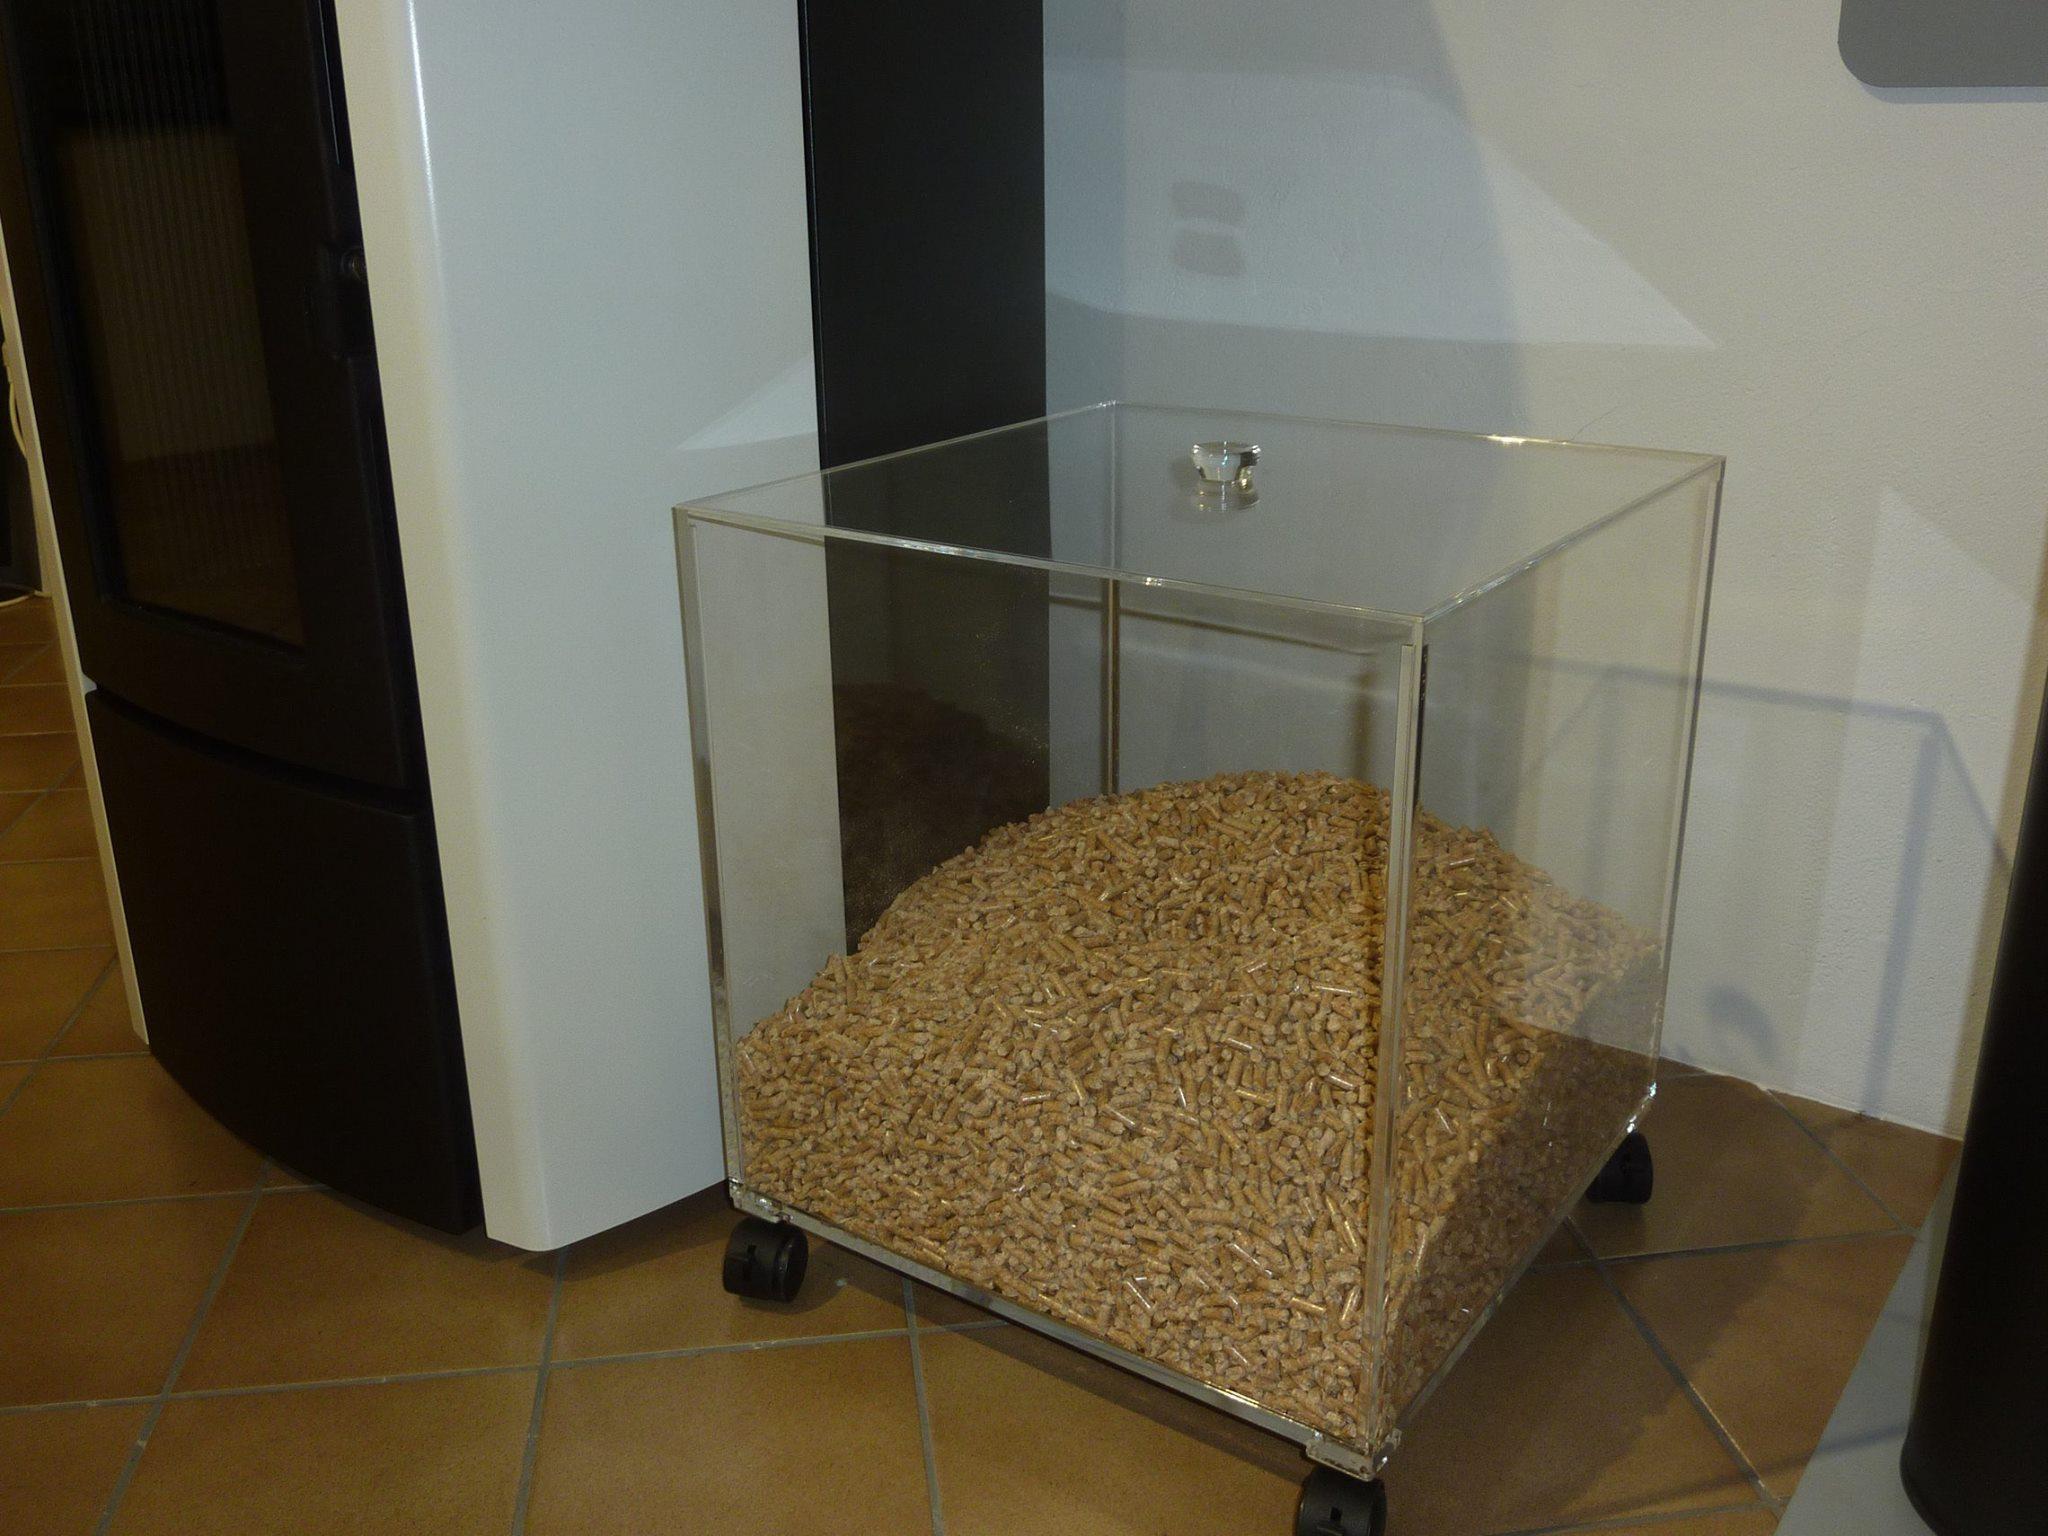 Accessoires Keiflin et Fils : Rangement granulés Le Cube